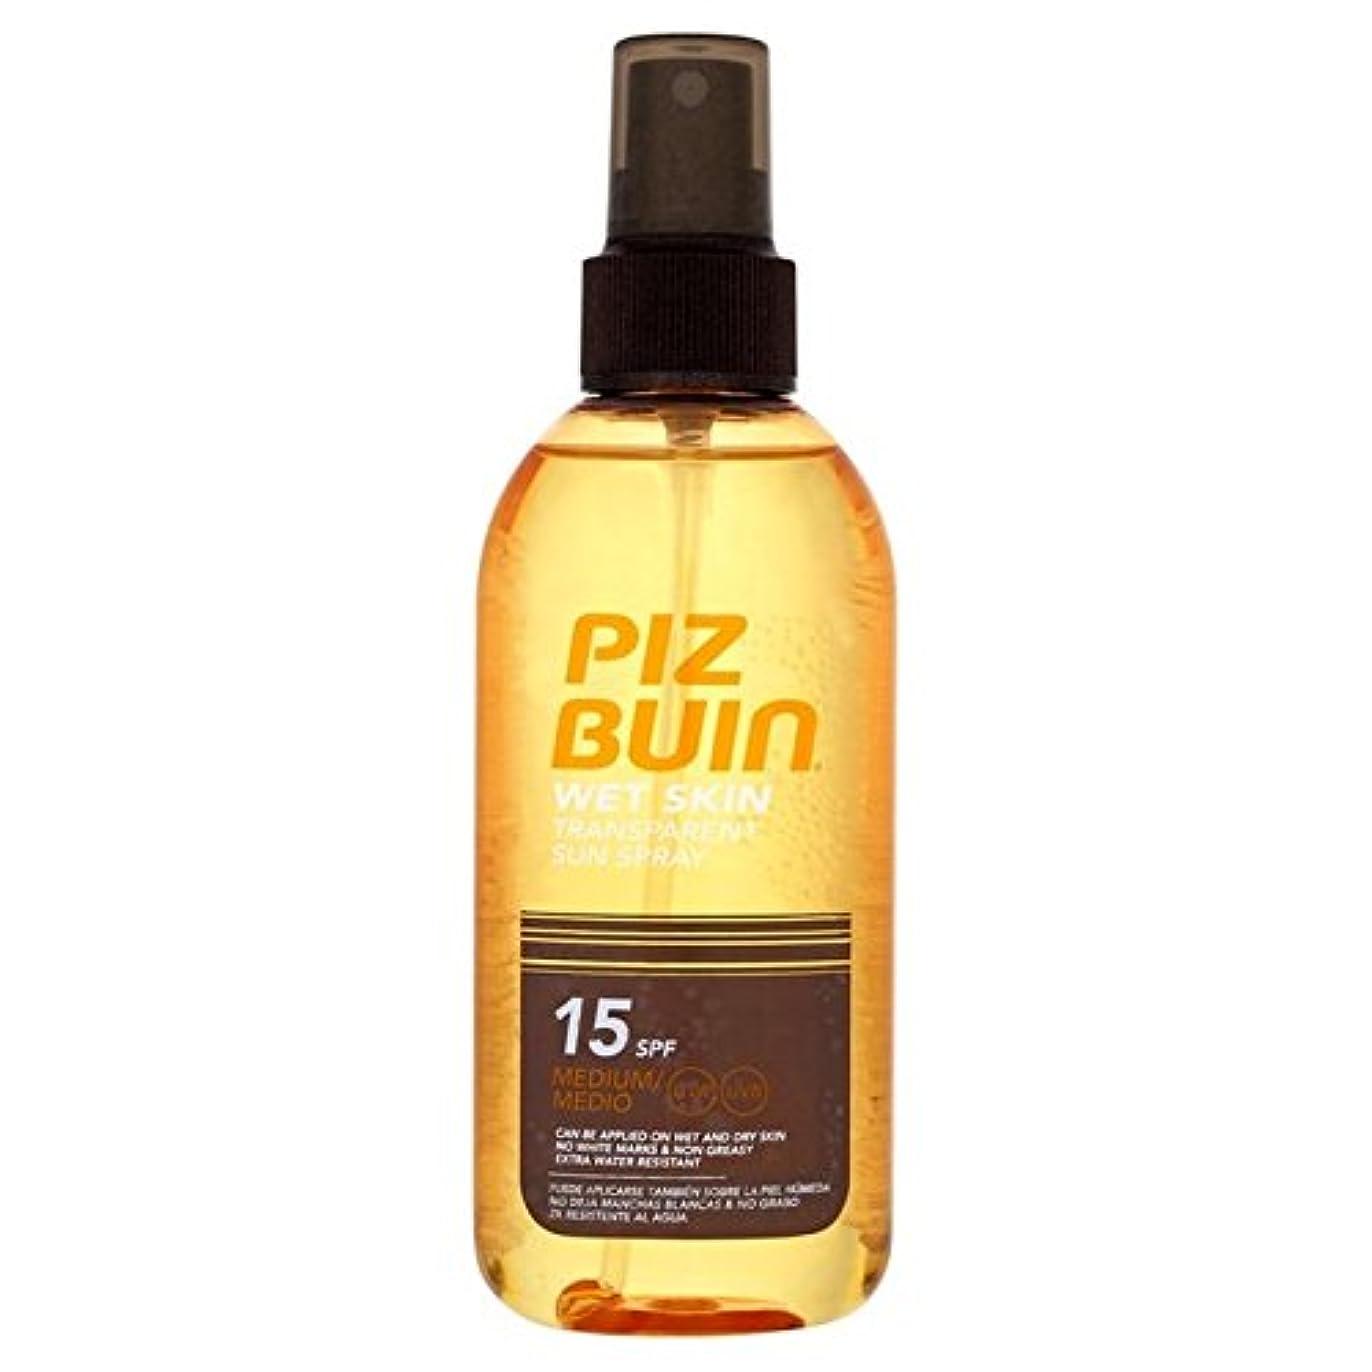 ノミネート無効にする瞳Piz Buin Wet Transparent Skin SPF15 150ml (Pack of 6) - ピッツブーインの湿った透明肌15の150ミリリットル x6 [並行輸入品]